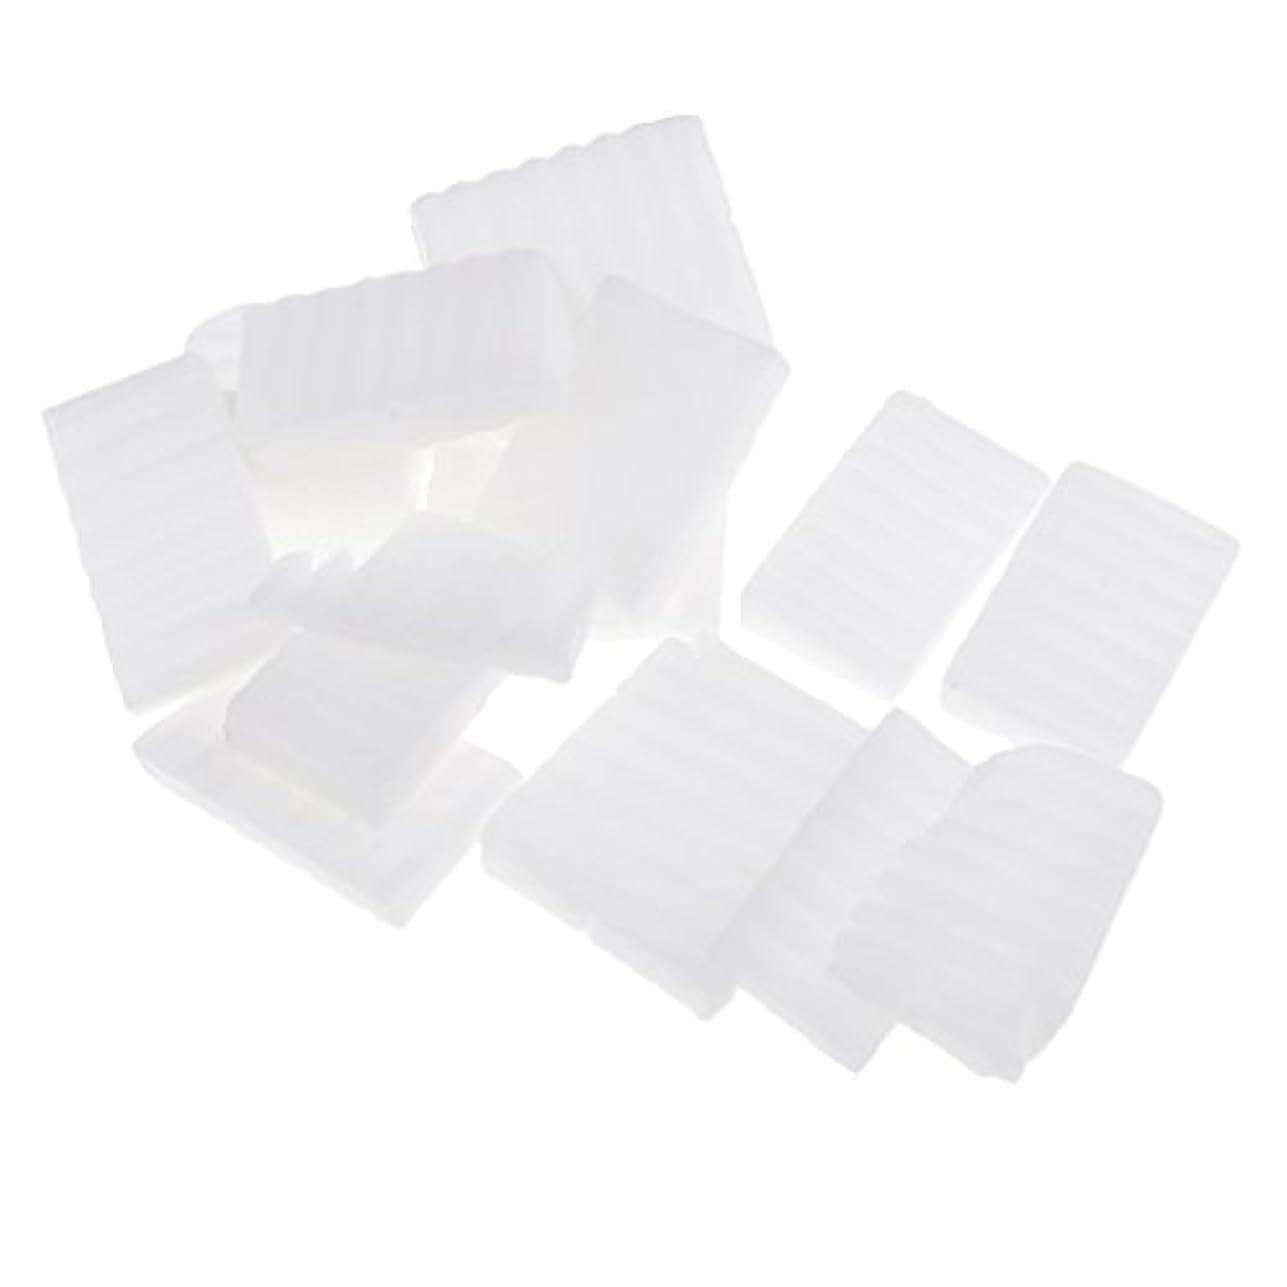 メッセージ騒々しいスペイン約500g ホワイト 石鹸ベース DIY 手作り 石鹸 材料